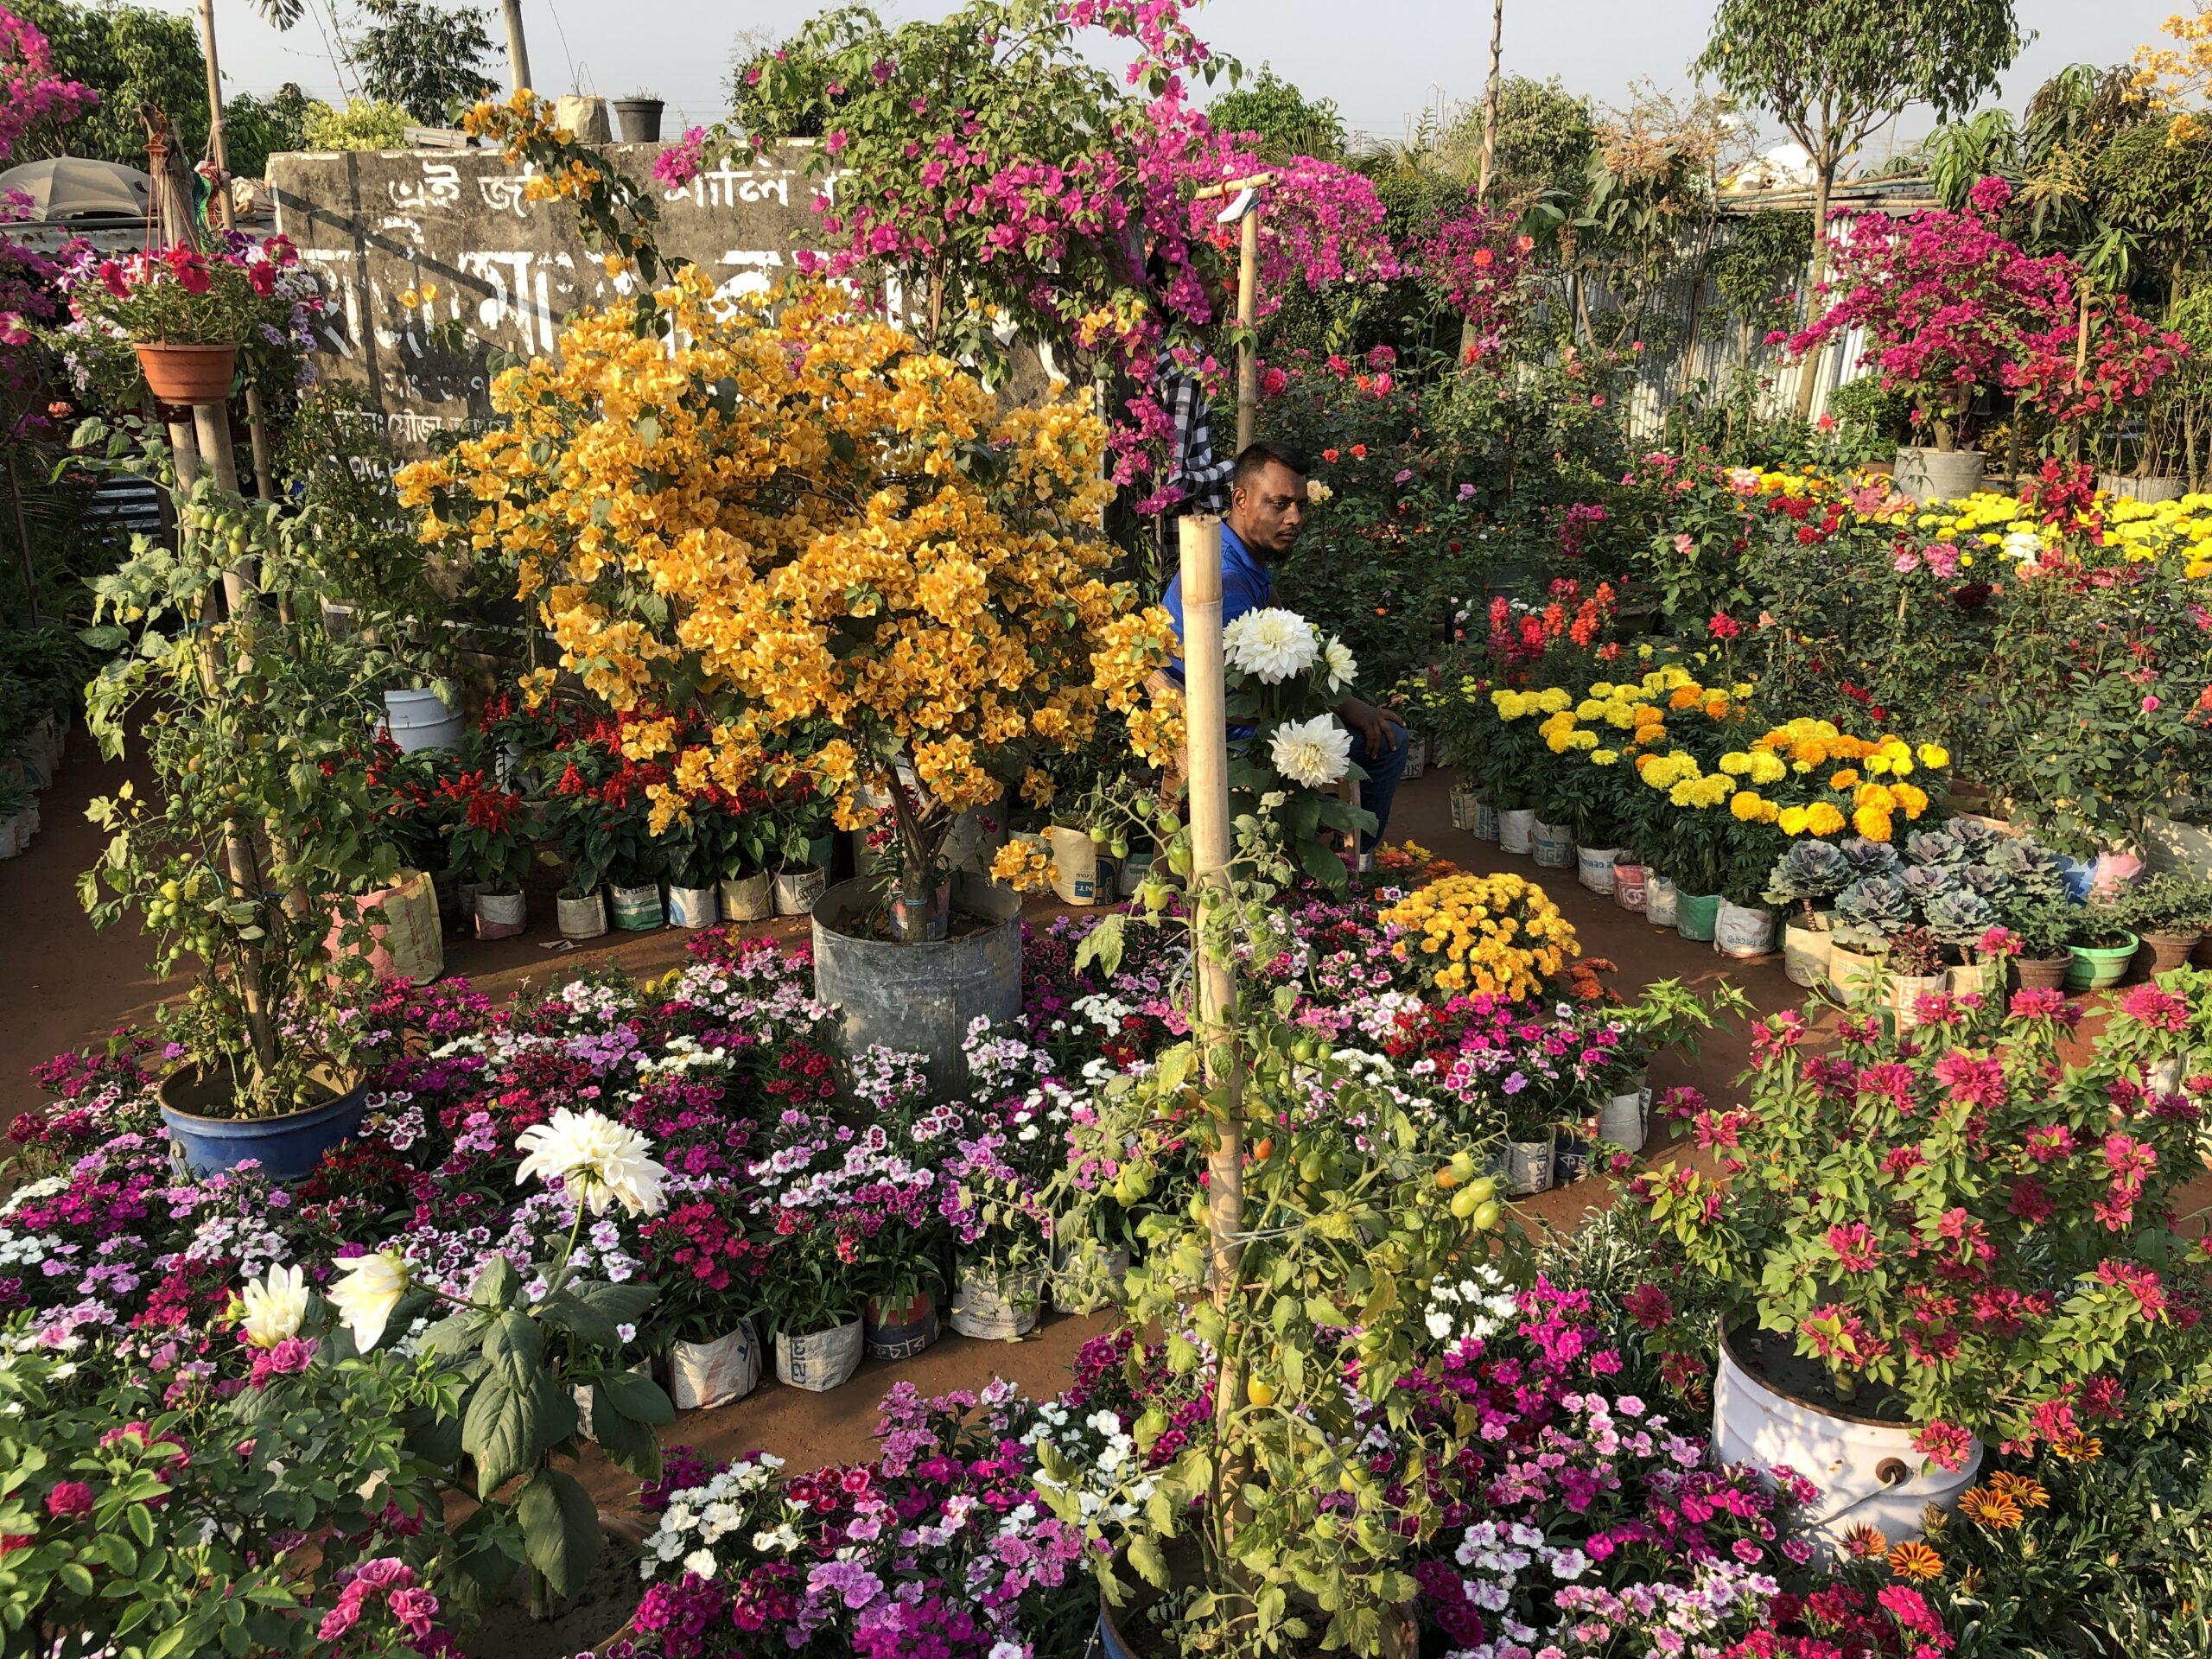 マンゴーの木やブーゲンビリアなど、様々な植物が購入できる